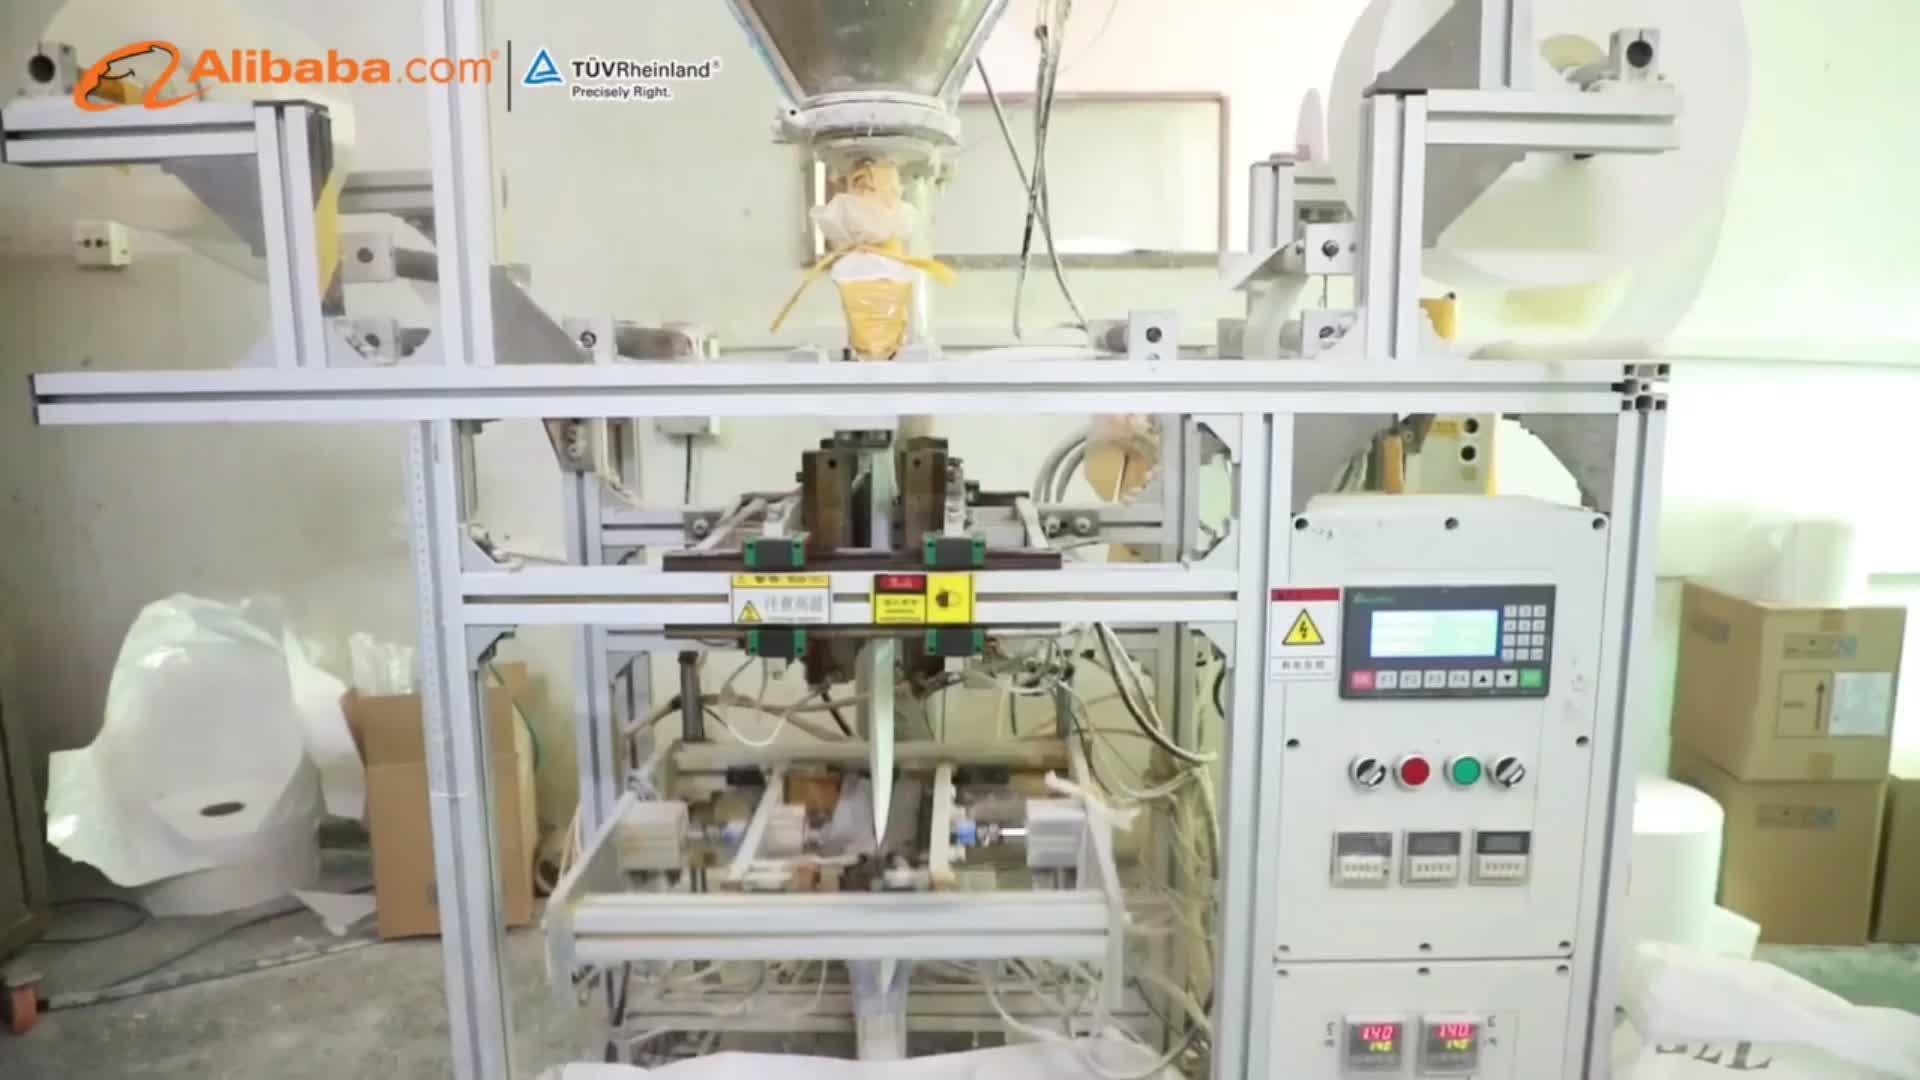 【厂家现货】氯化钙干燥剂2g克 2500包/箱 工业服装电子除湿防潮